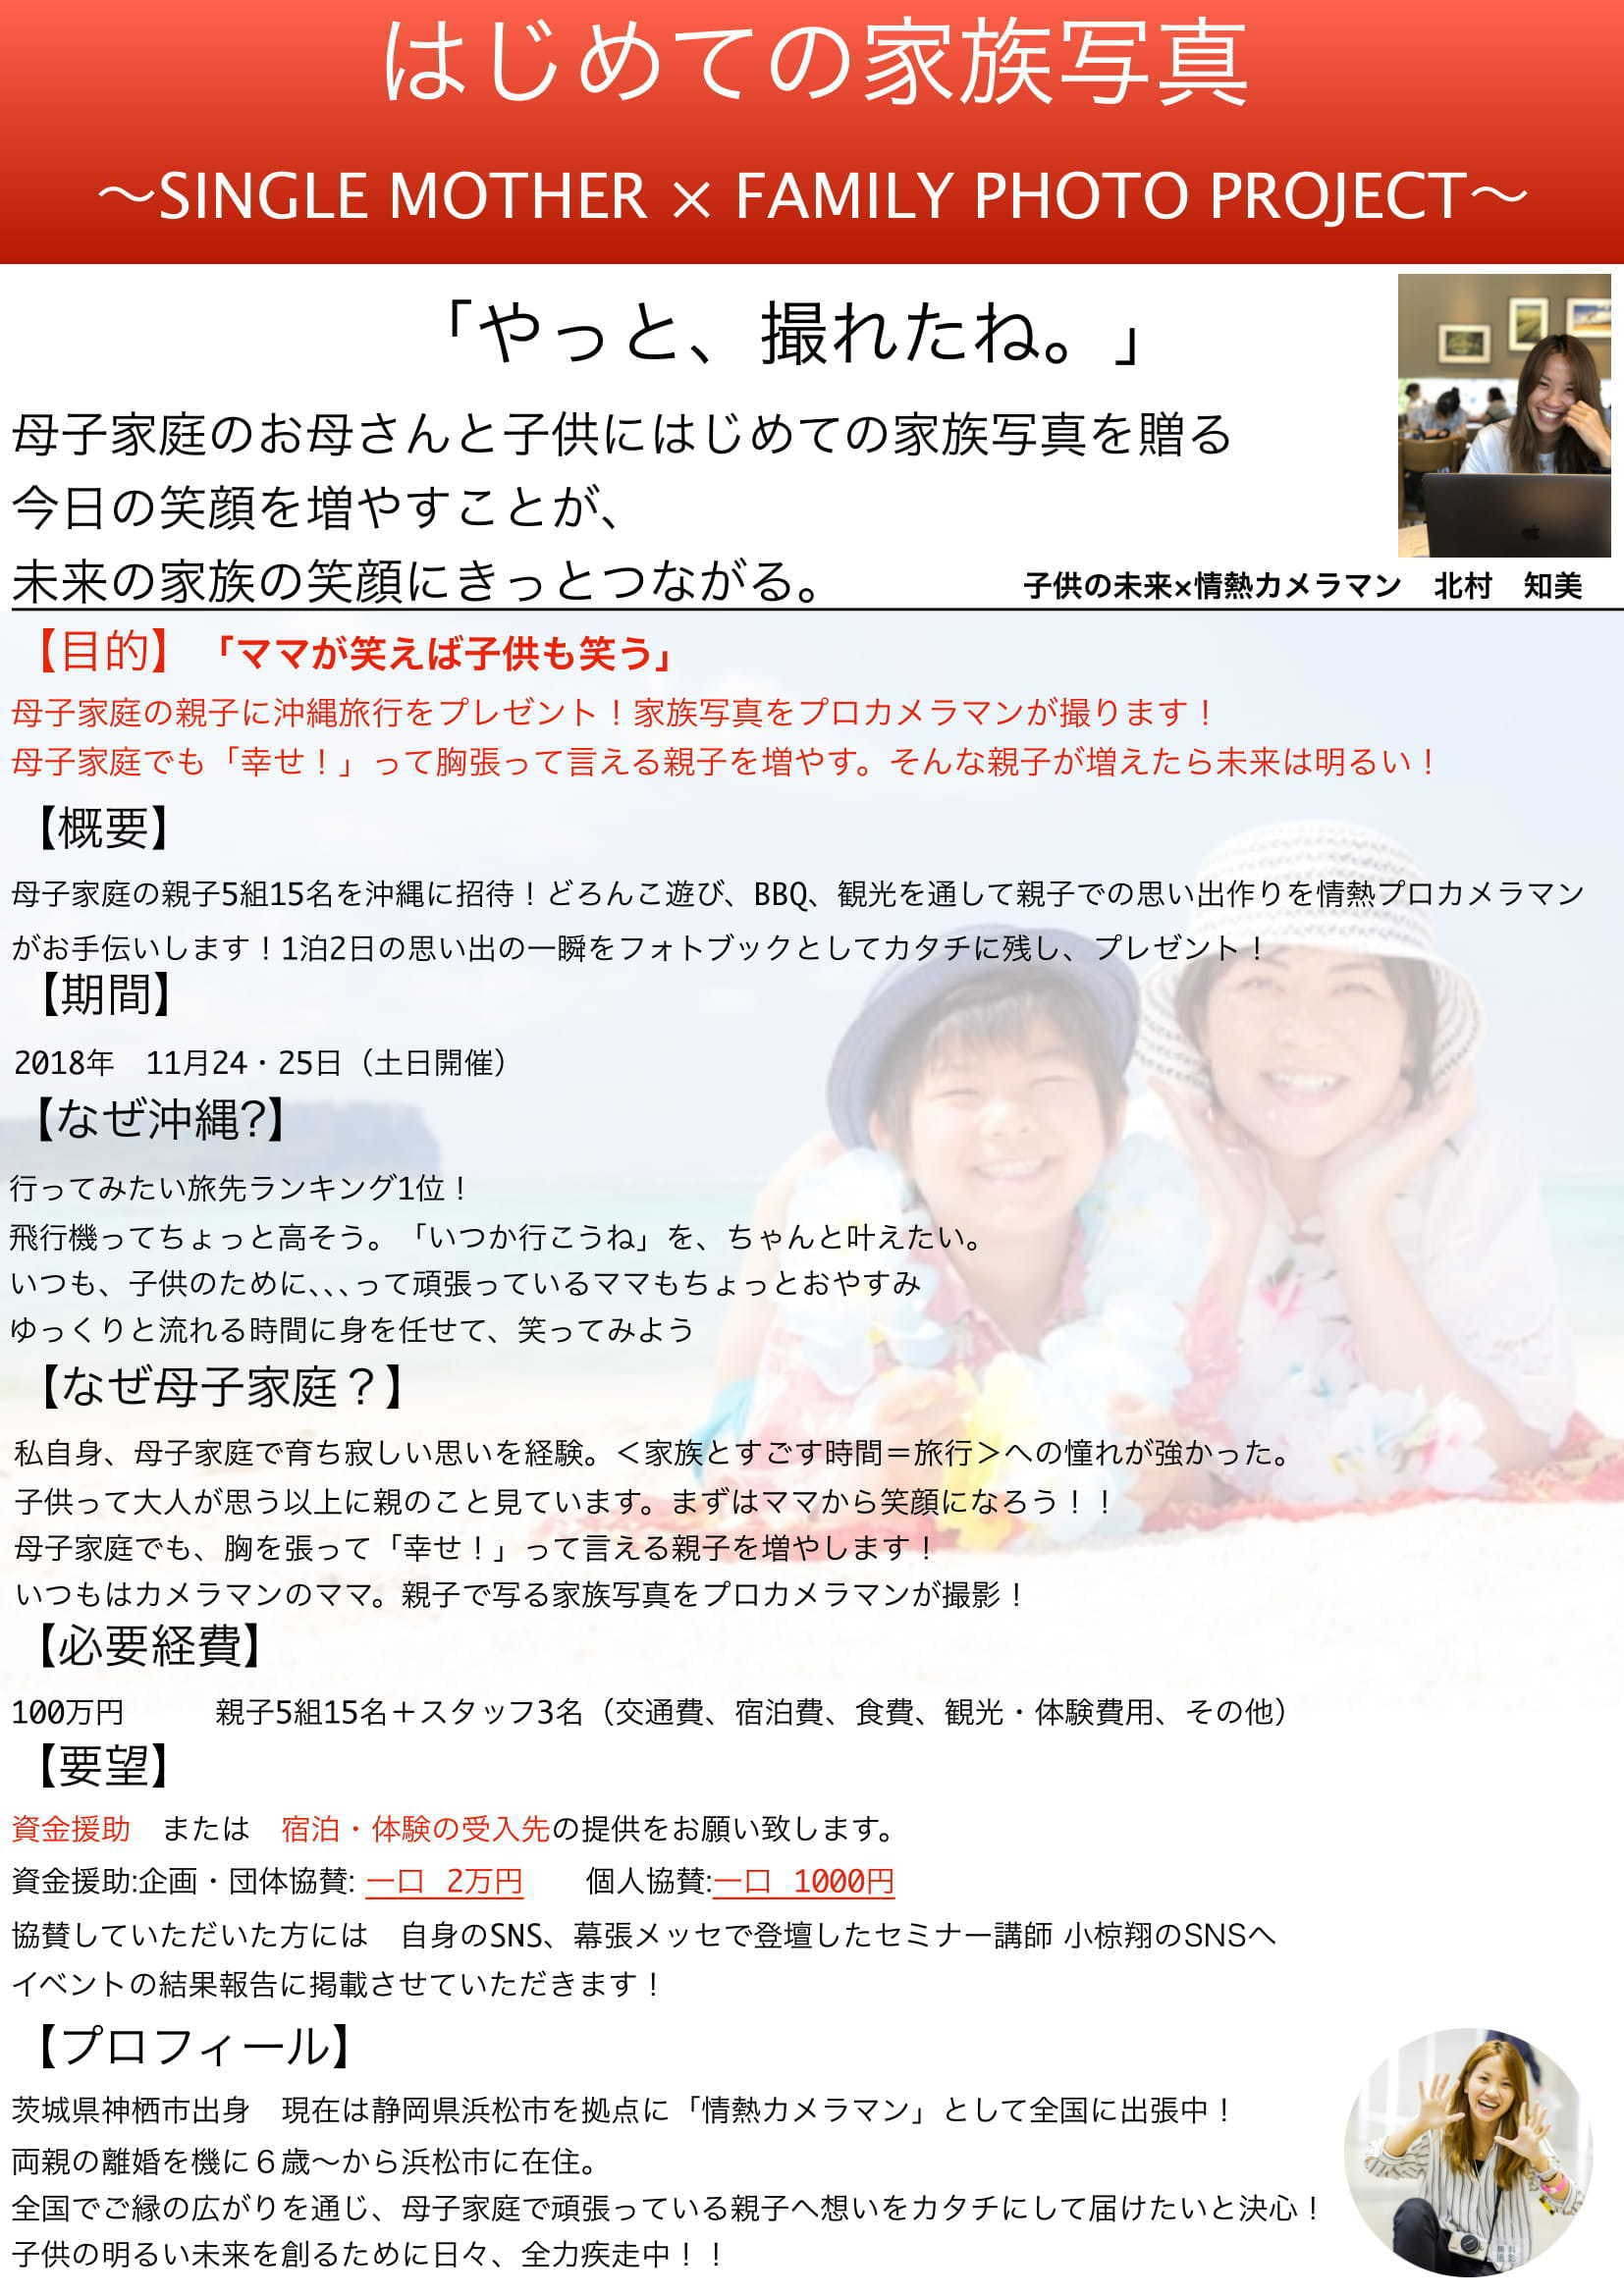 【感動企画】母子家庭にはじめての家族写真を贈ろう!!